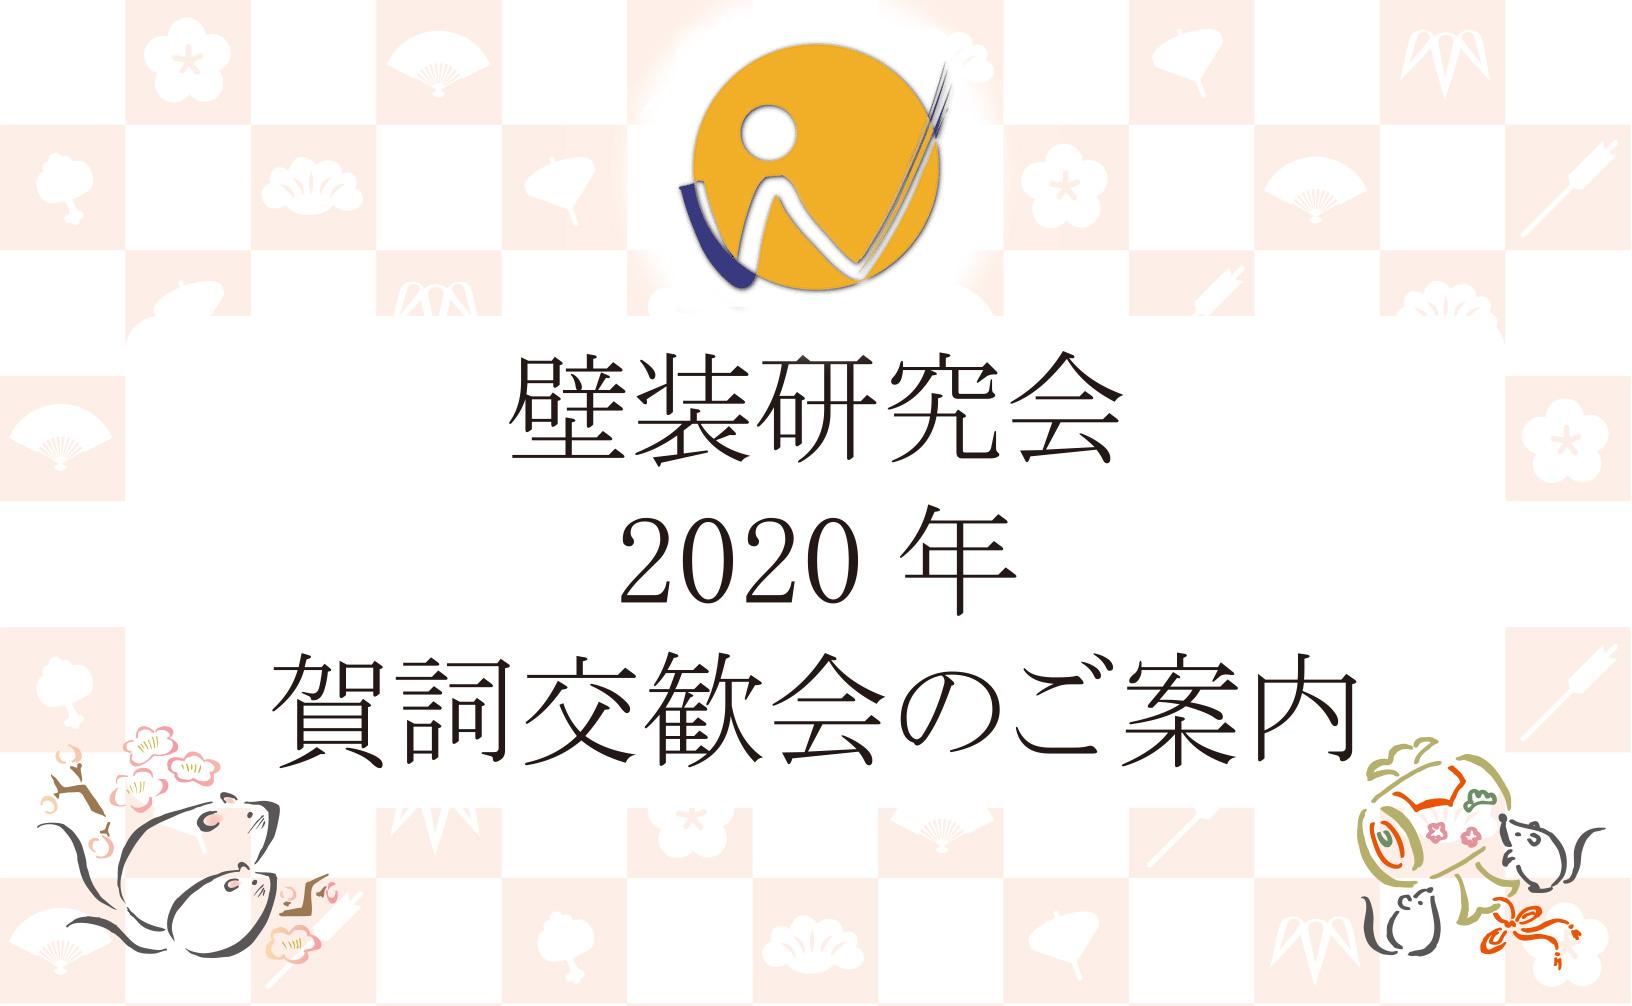 2020年 新年賀詞交歓会開催のご案内